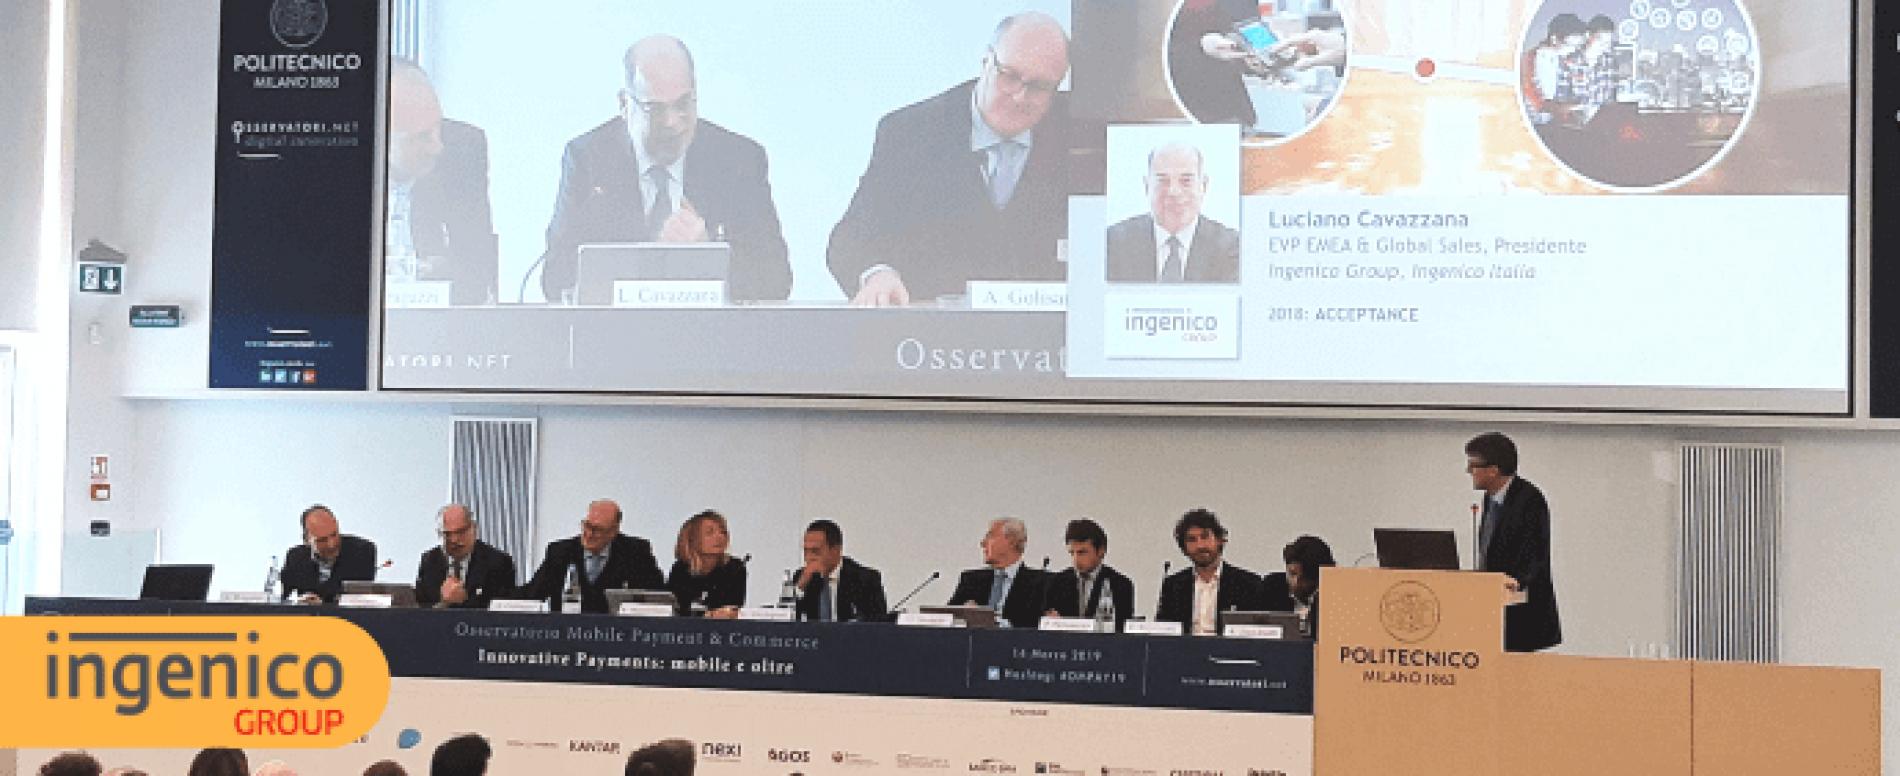 Ingenico Italia a OMPAY19: l'intervento del presidente Luciano Cavazzana